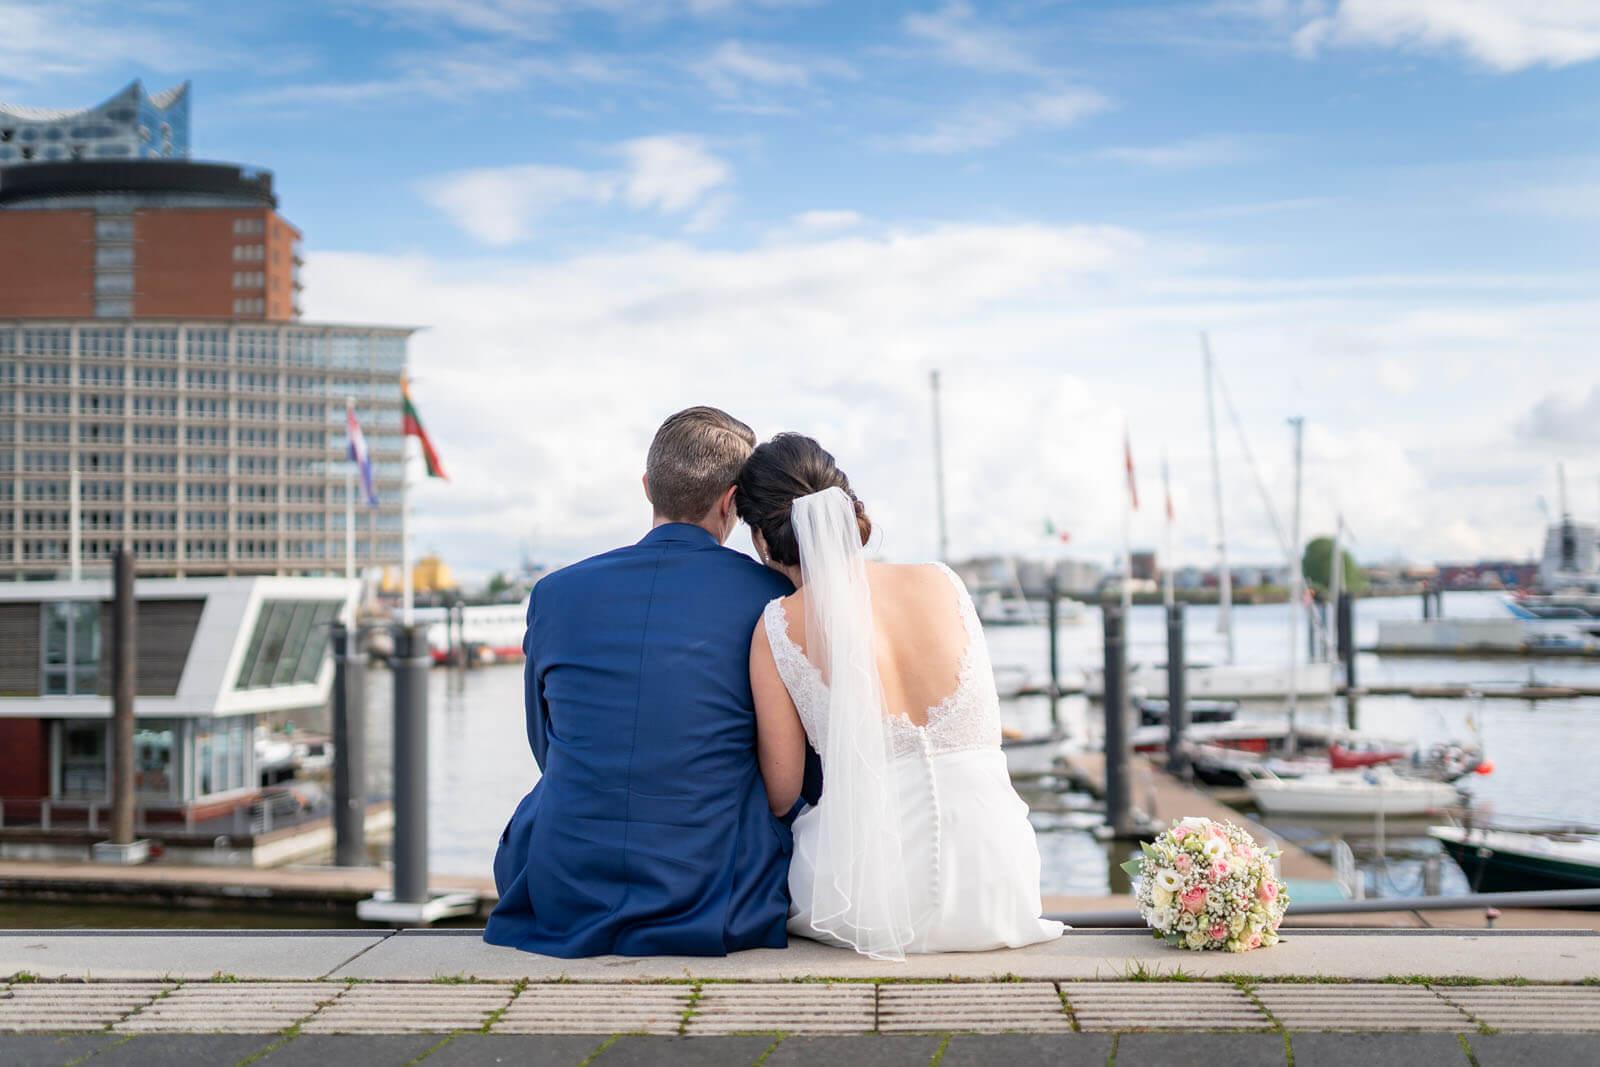 Brautpaar an der Elbe mit Elbphilharmonie im Hintergrund.